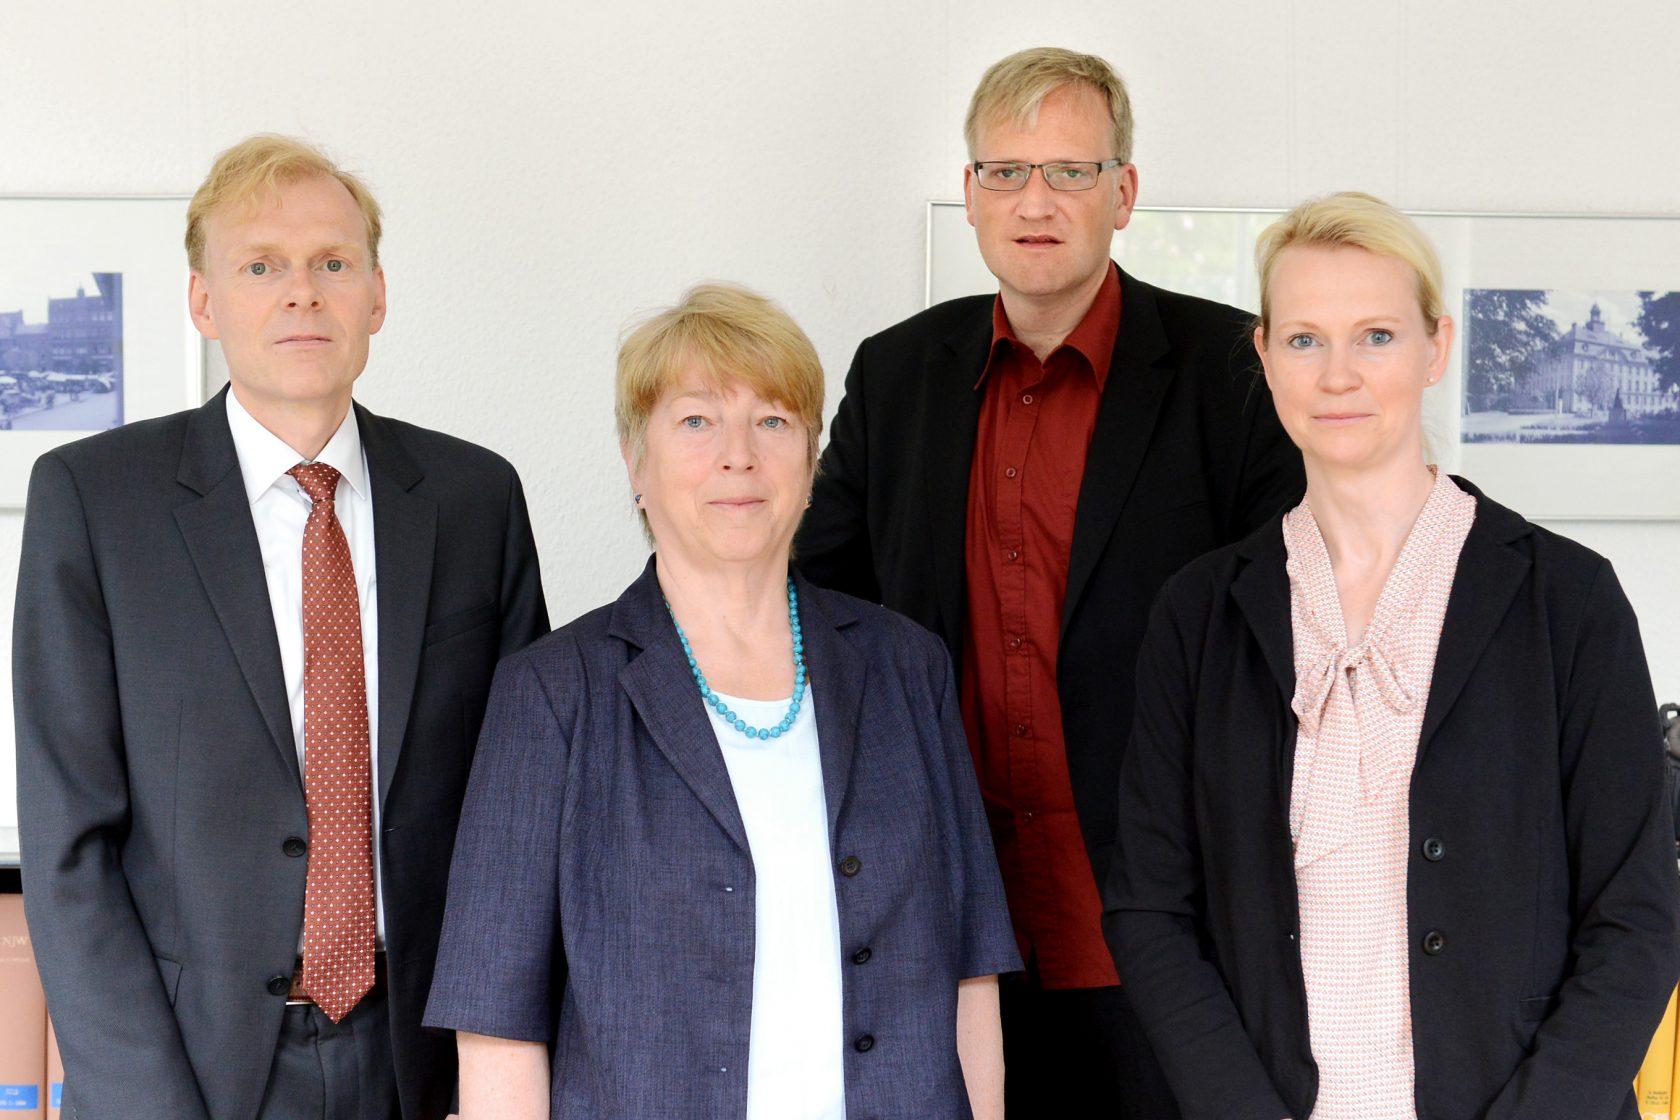 Gruppenfoto der Rechtsanwälte in der Kanzlei Senftenberg